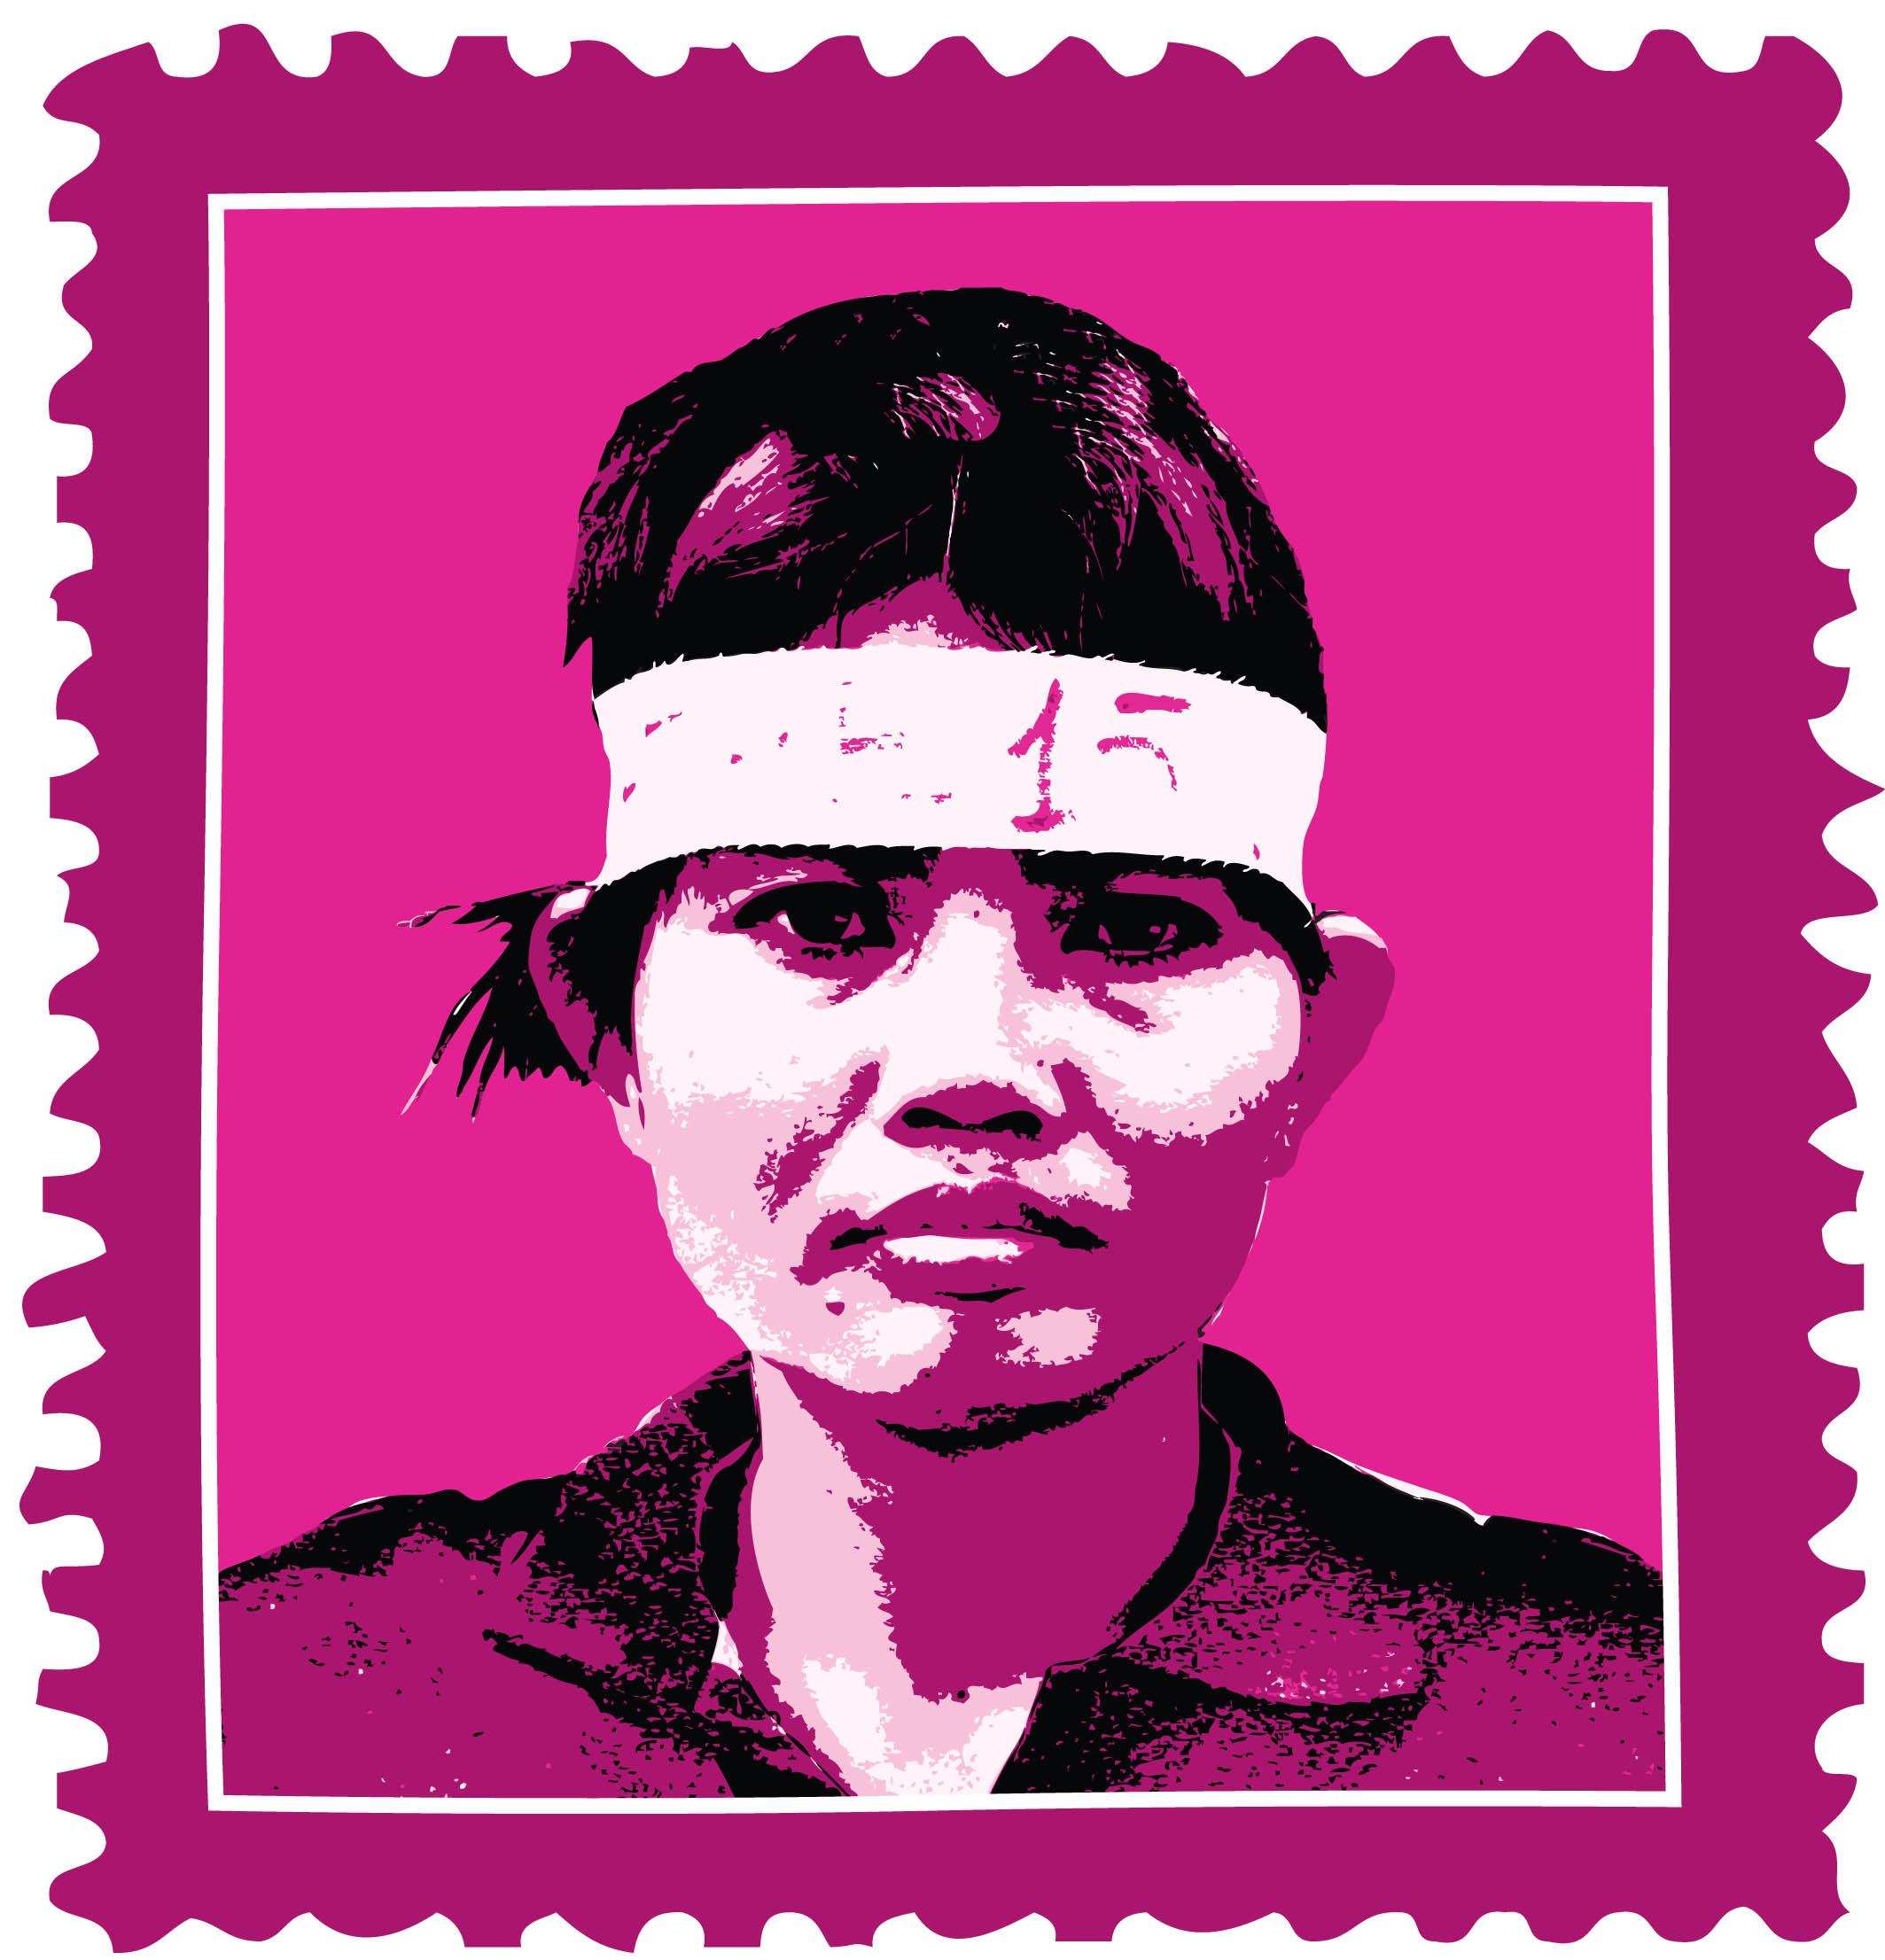 4. Cambodia